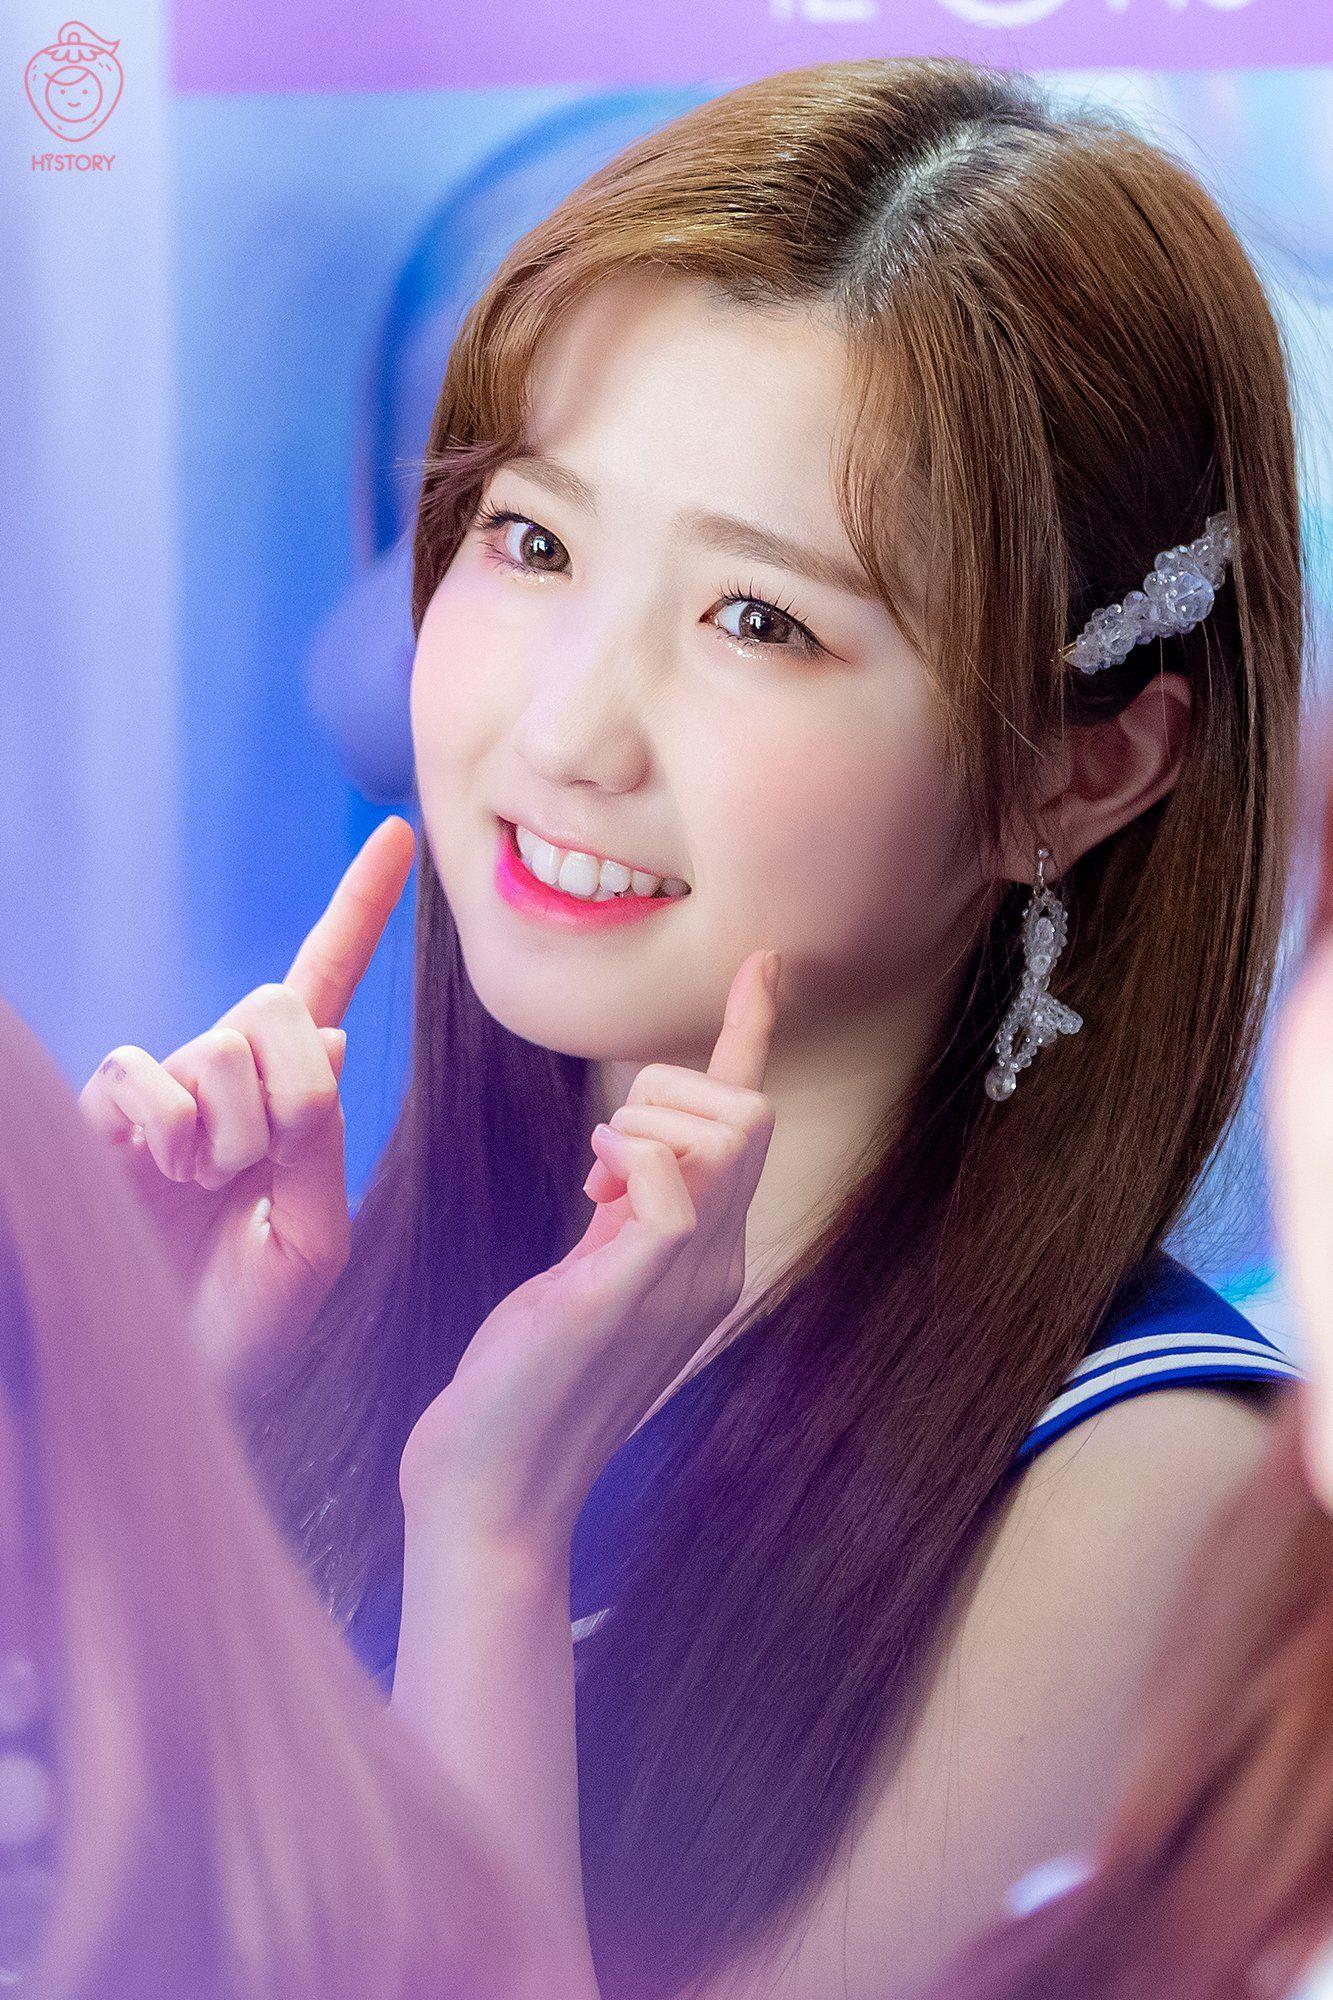 Hi Story On Twitter Japanese Girl Group Korean Idol The Wiz